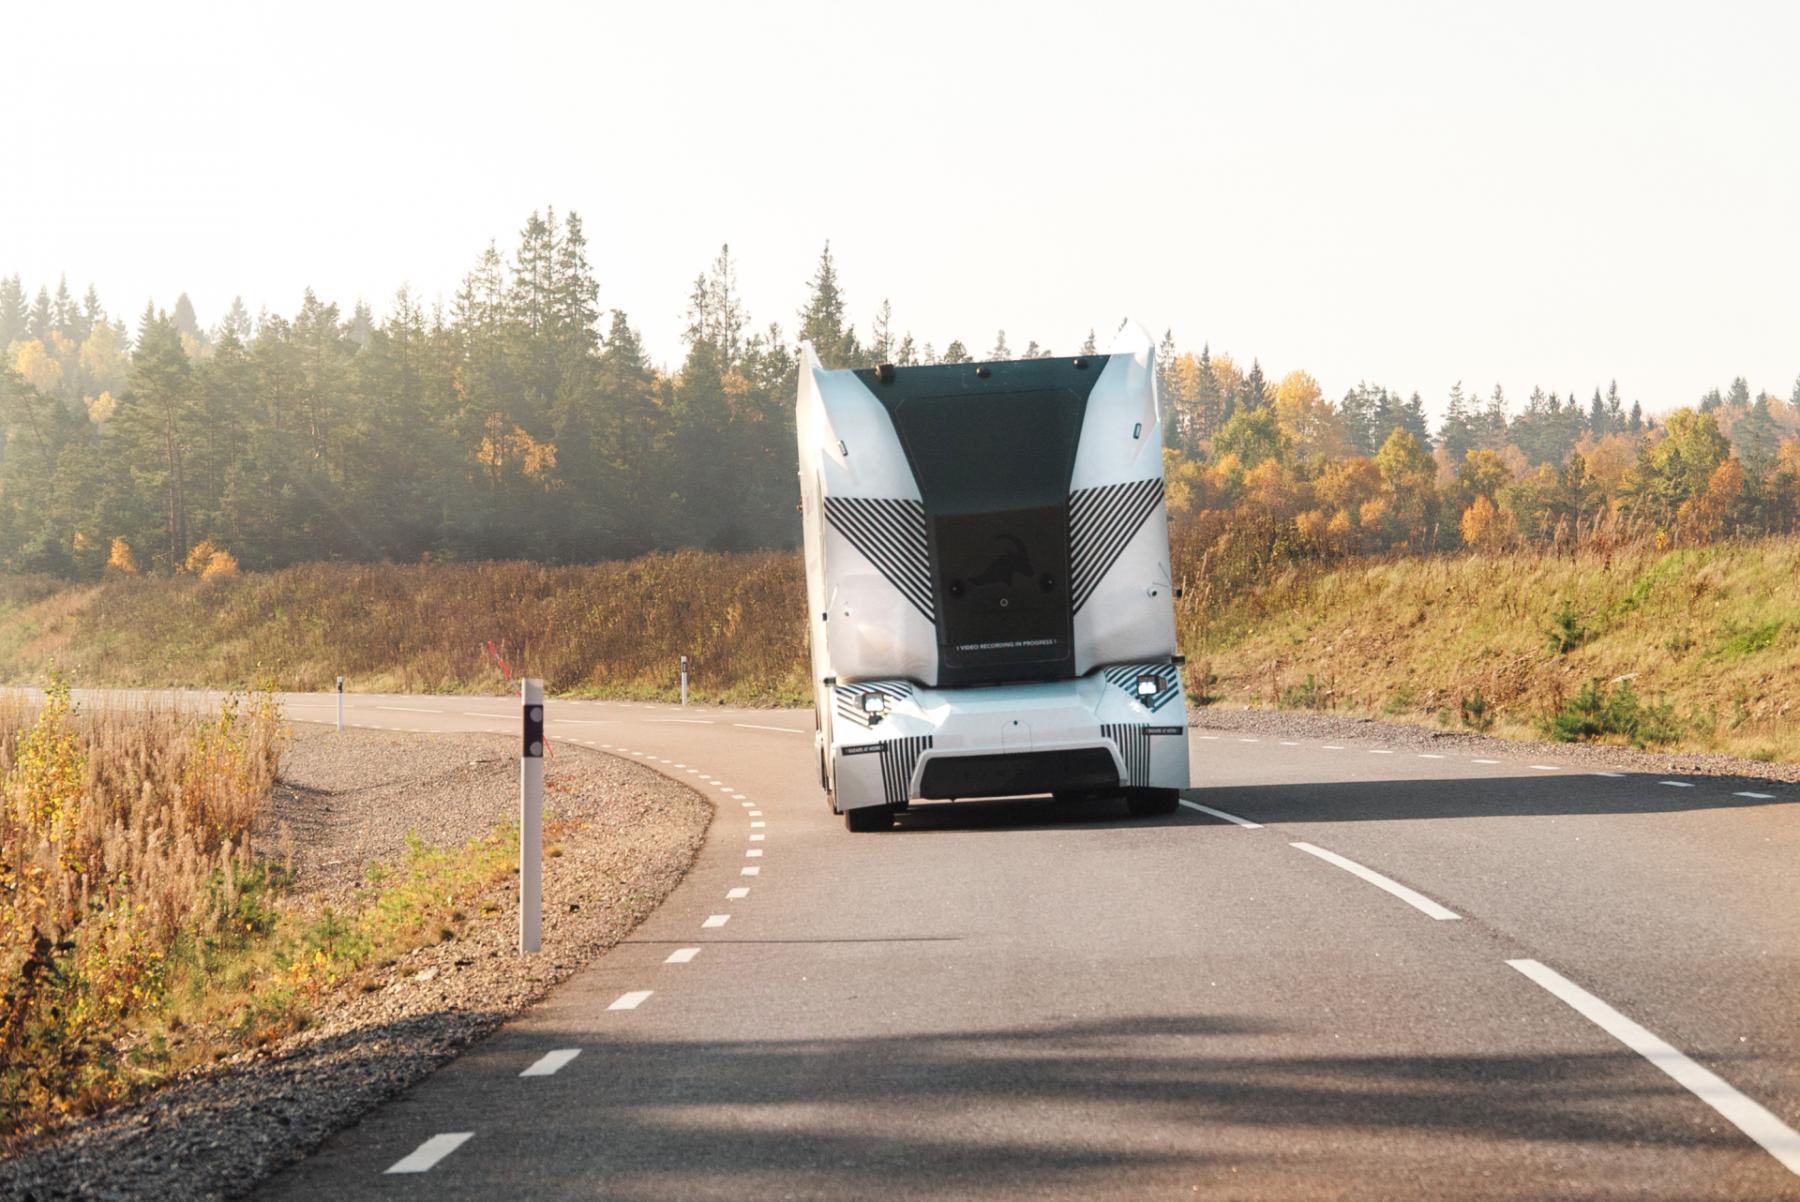 Ako zmení automatizácia dopravu?